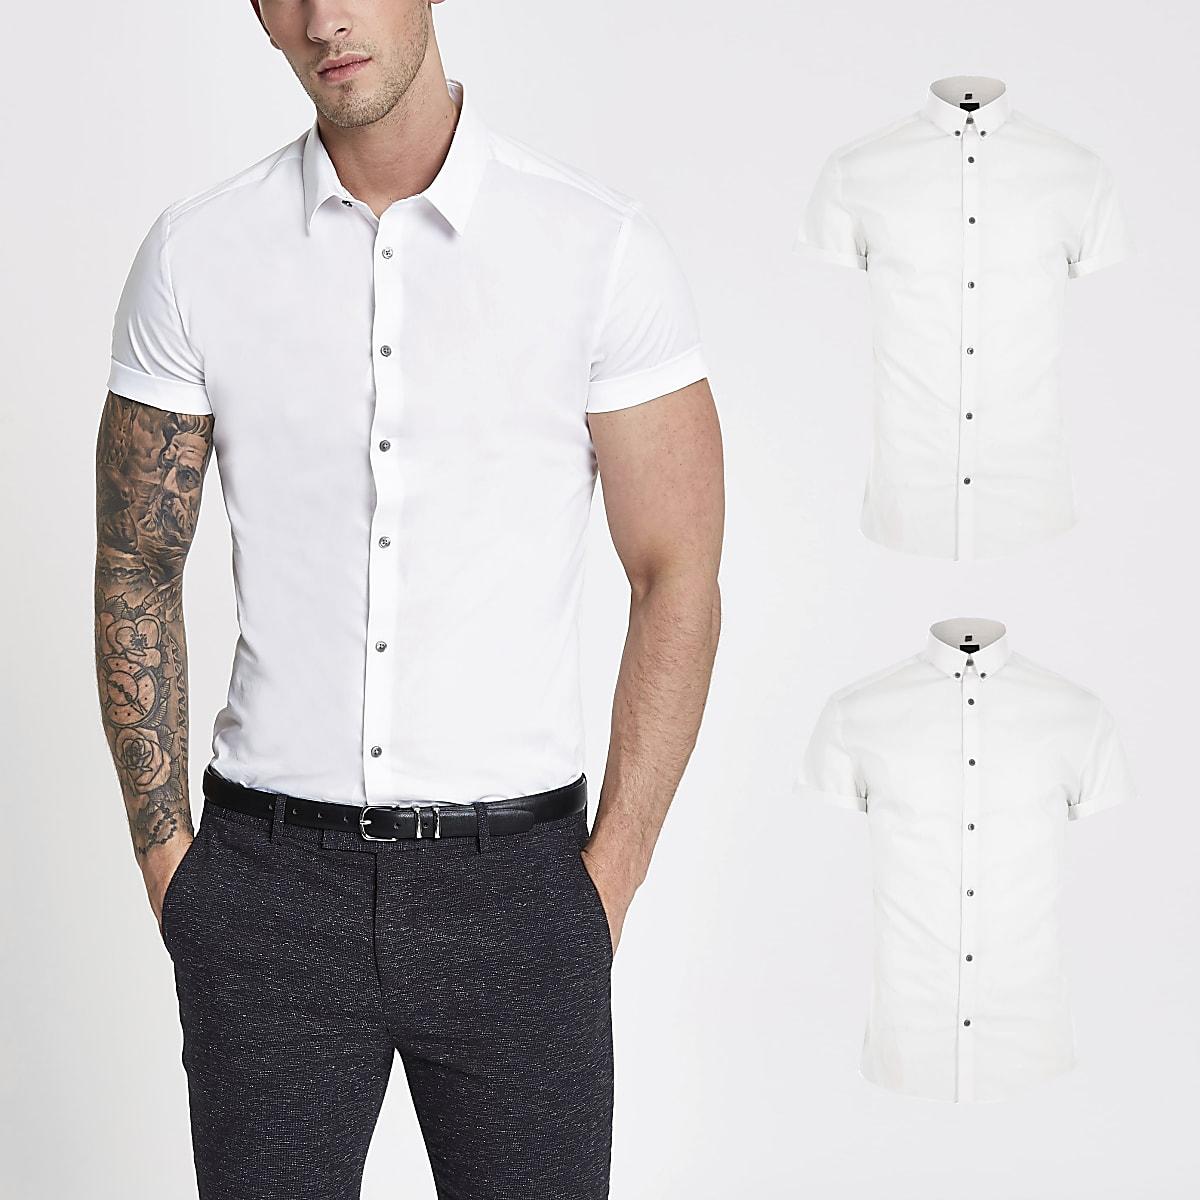 Lot de2 chemises ajustées manches courtes blanches